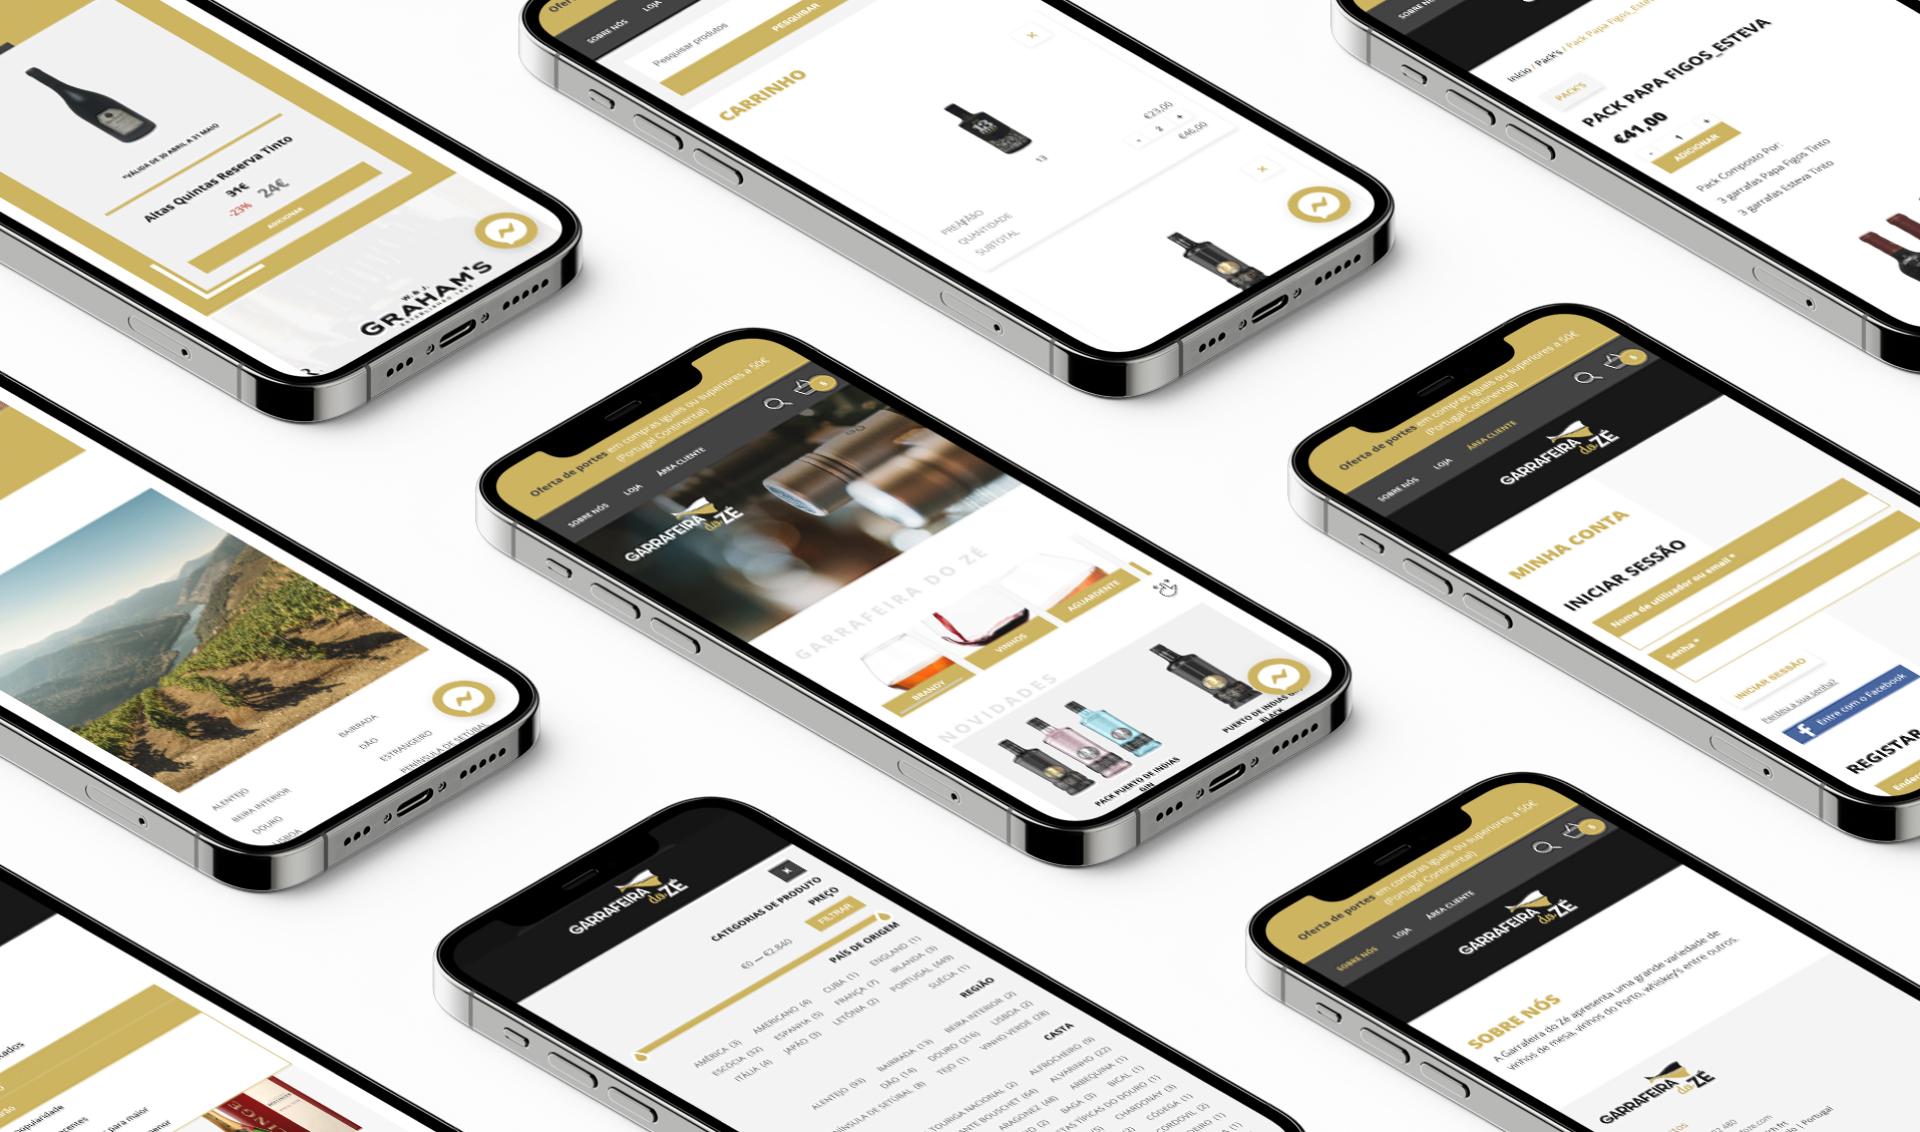 Páginas da loja online Garrafeira do Zé em telemóvel